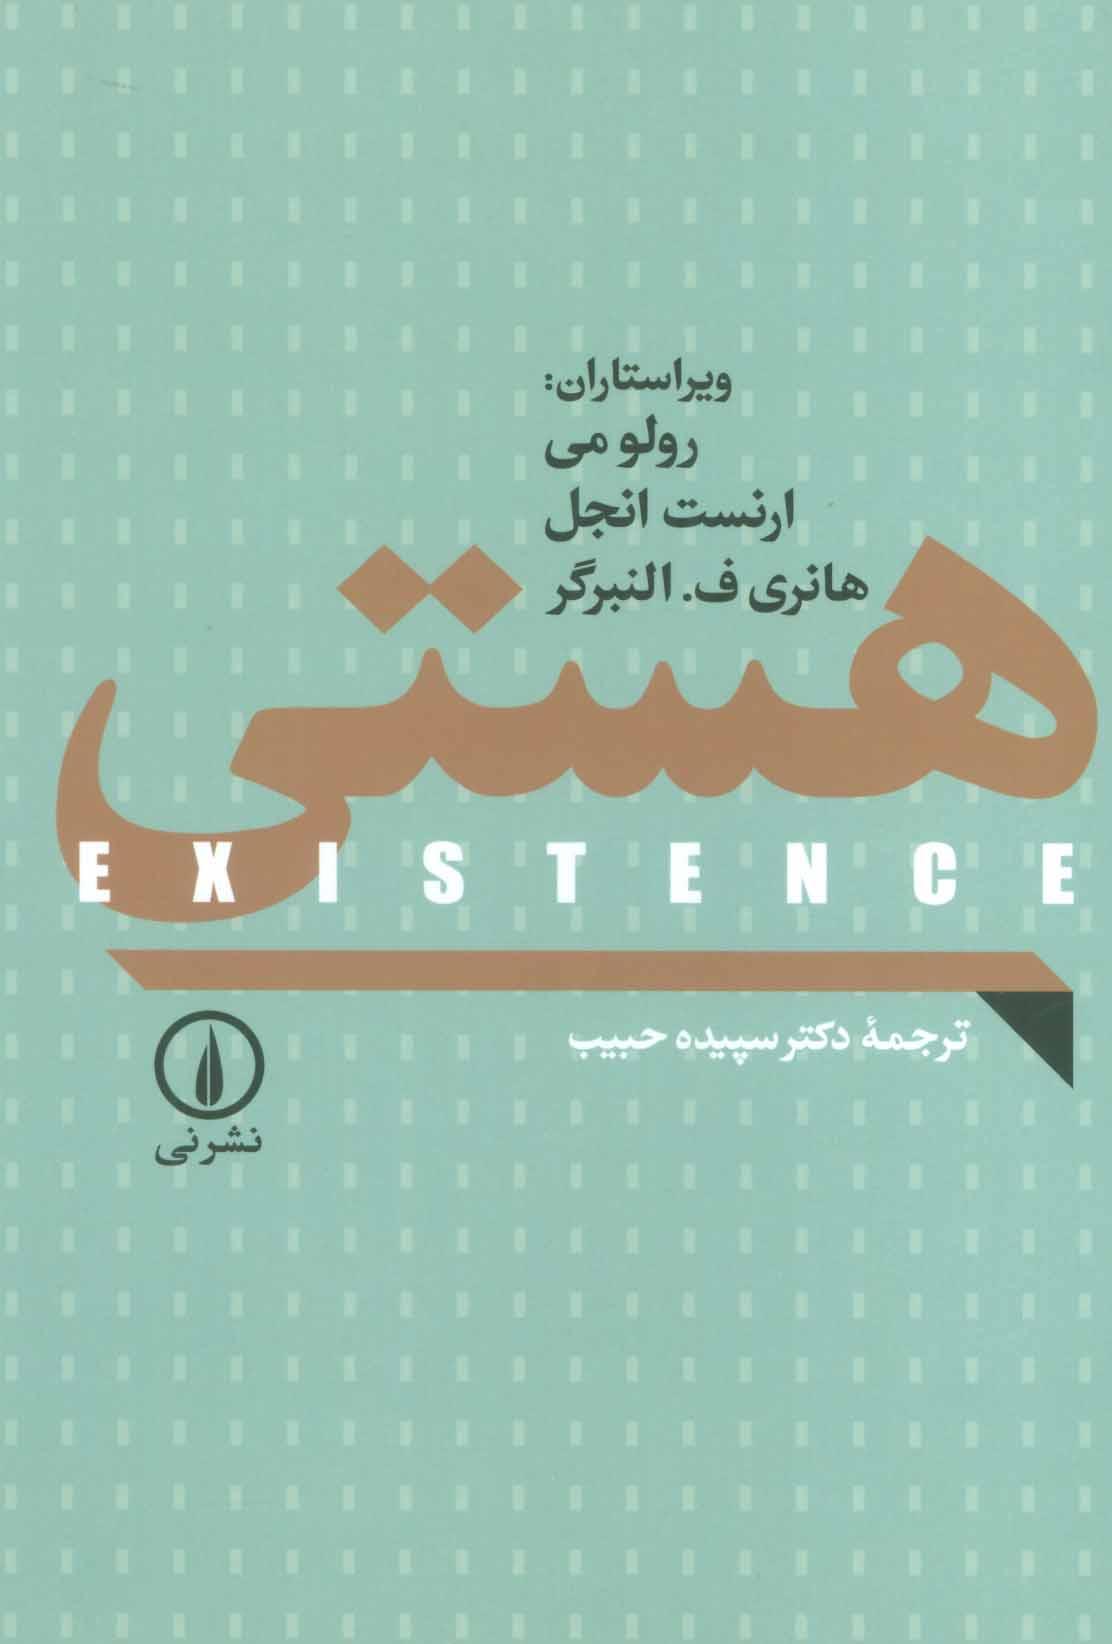 هستی (EXISTENCE)